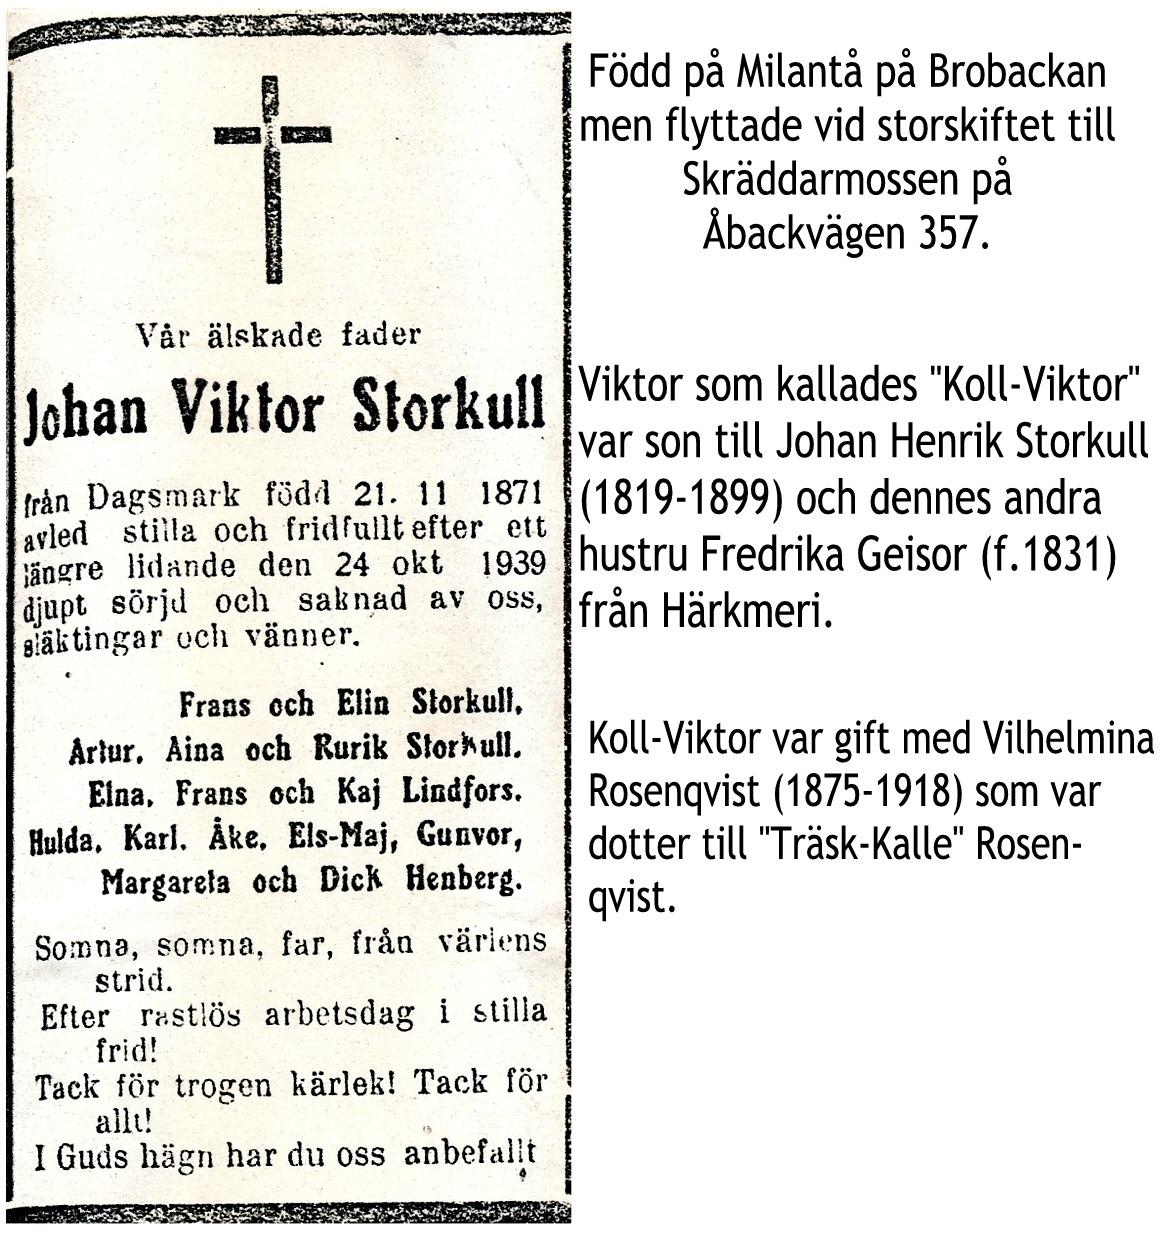 Storkull Johan Viktor